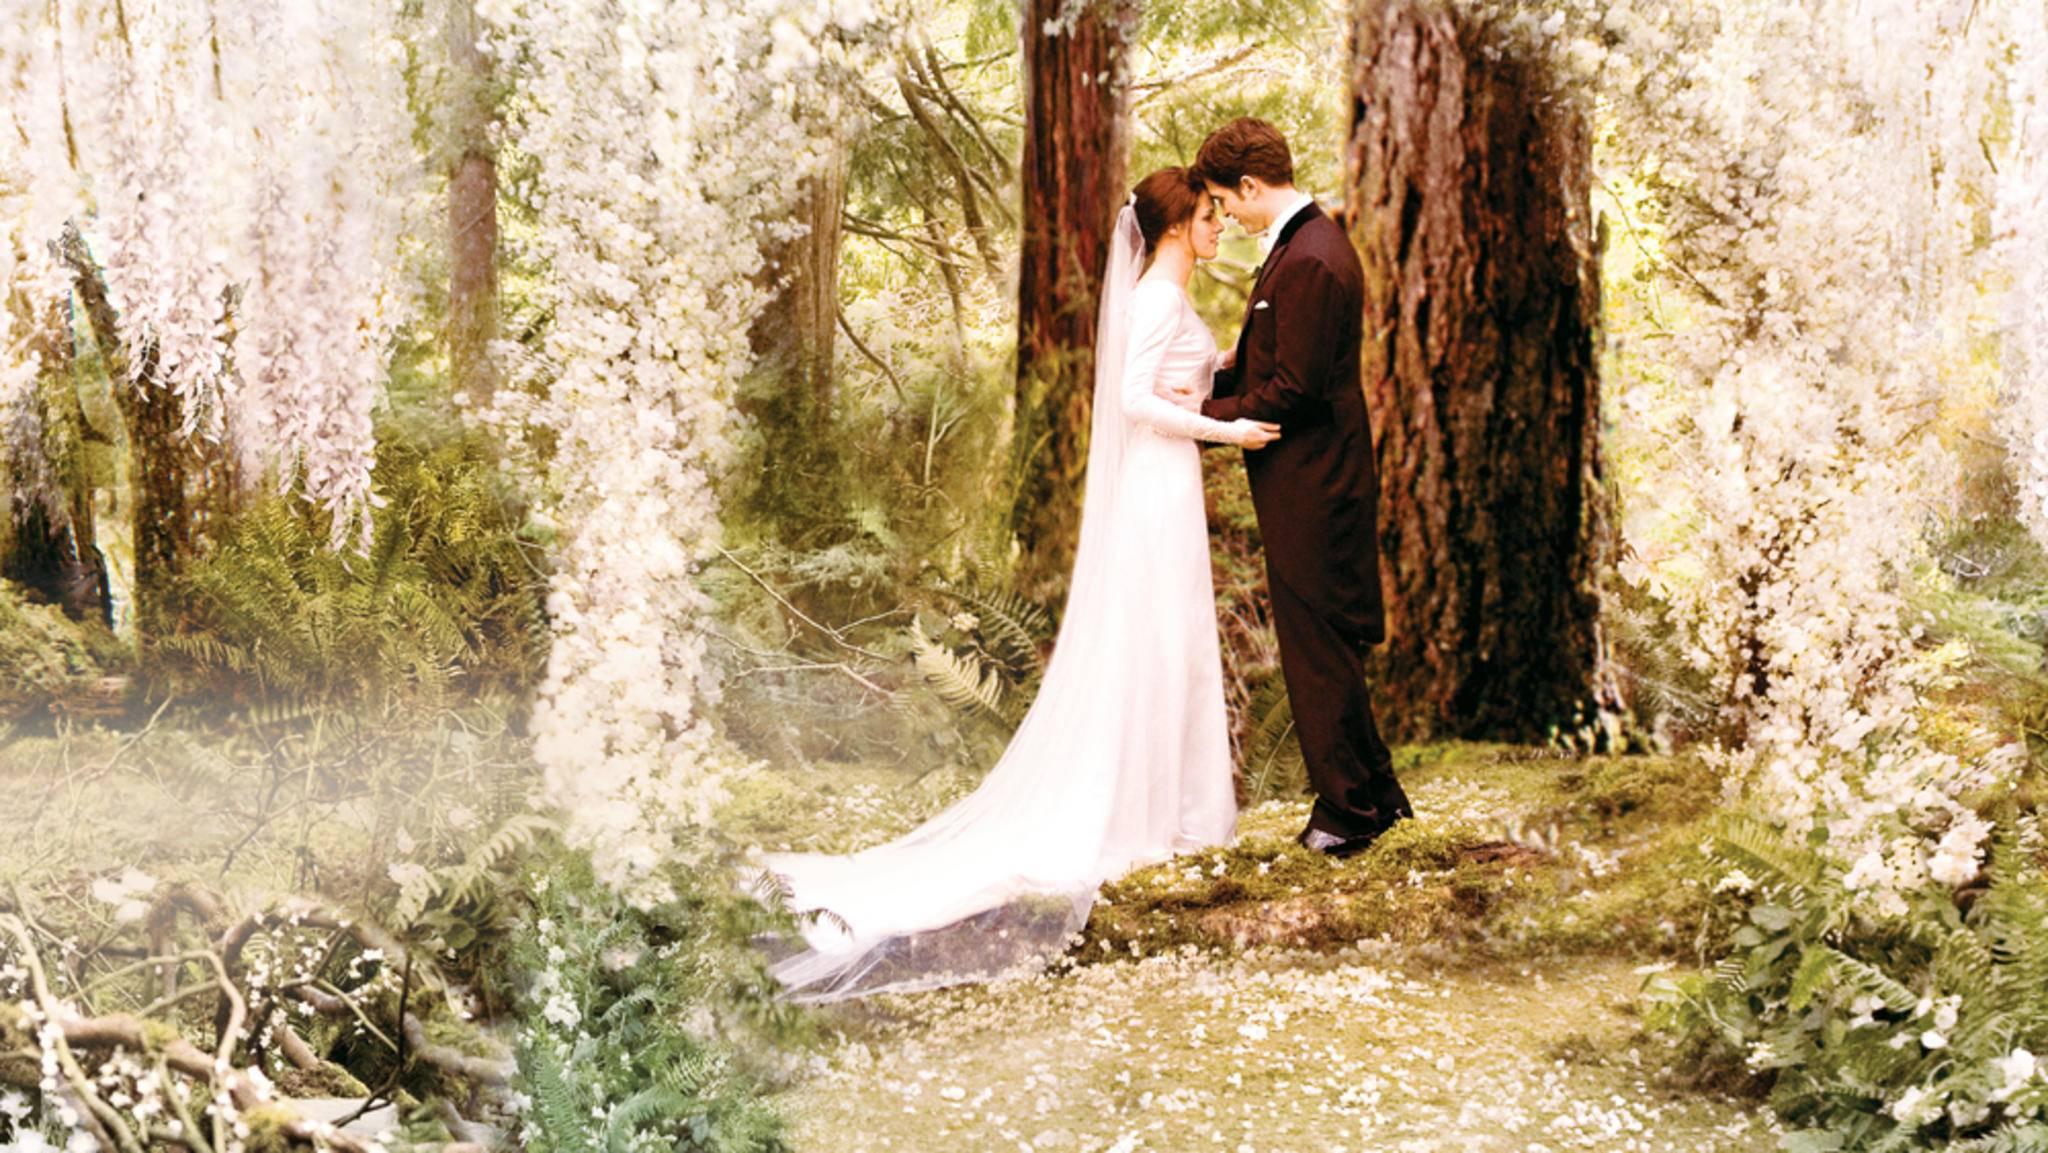 """Romantik pur: """"Twilight"""" feierte weltweit Erfolge. Auch die Kussszenen wurden regelmäßig ausgezeichnet."""